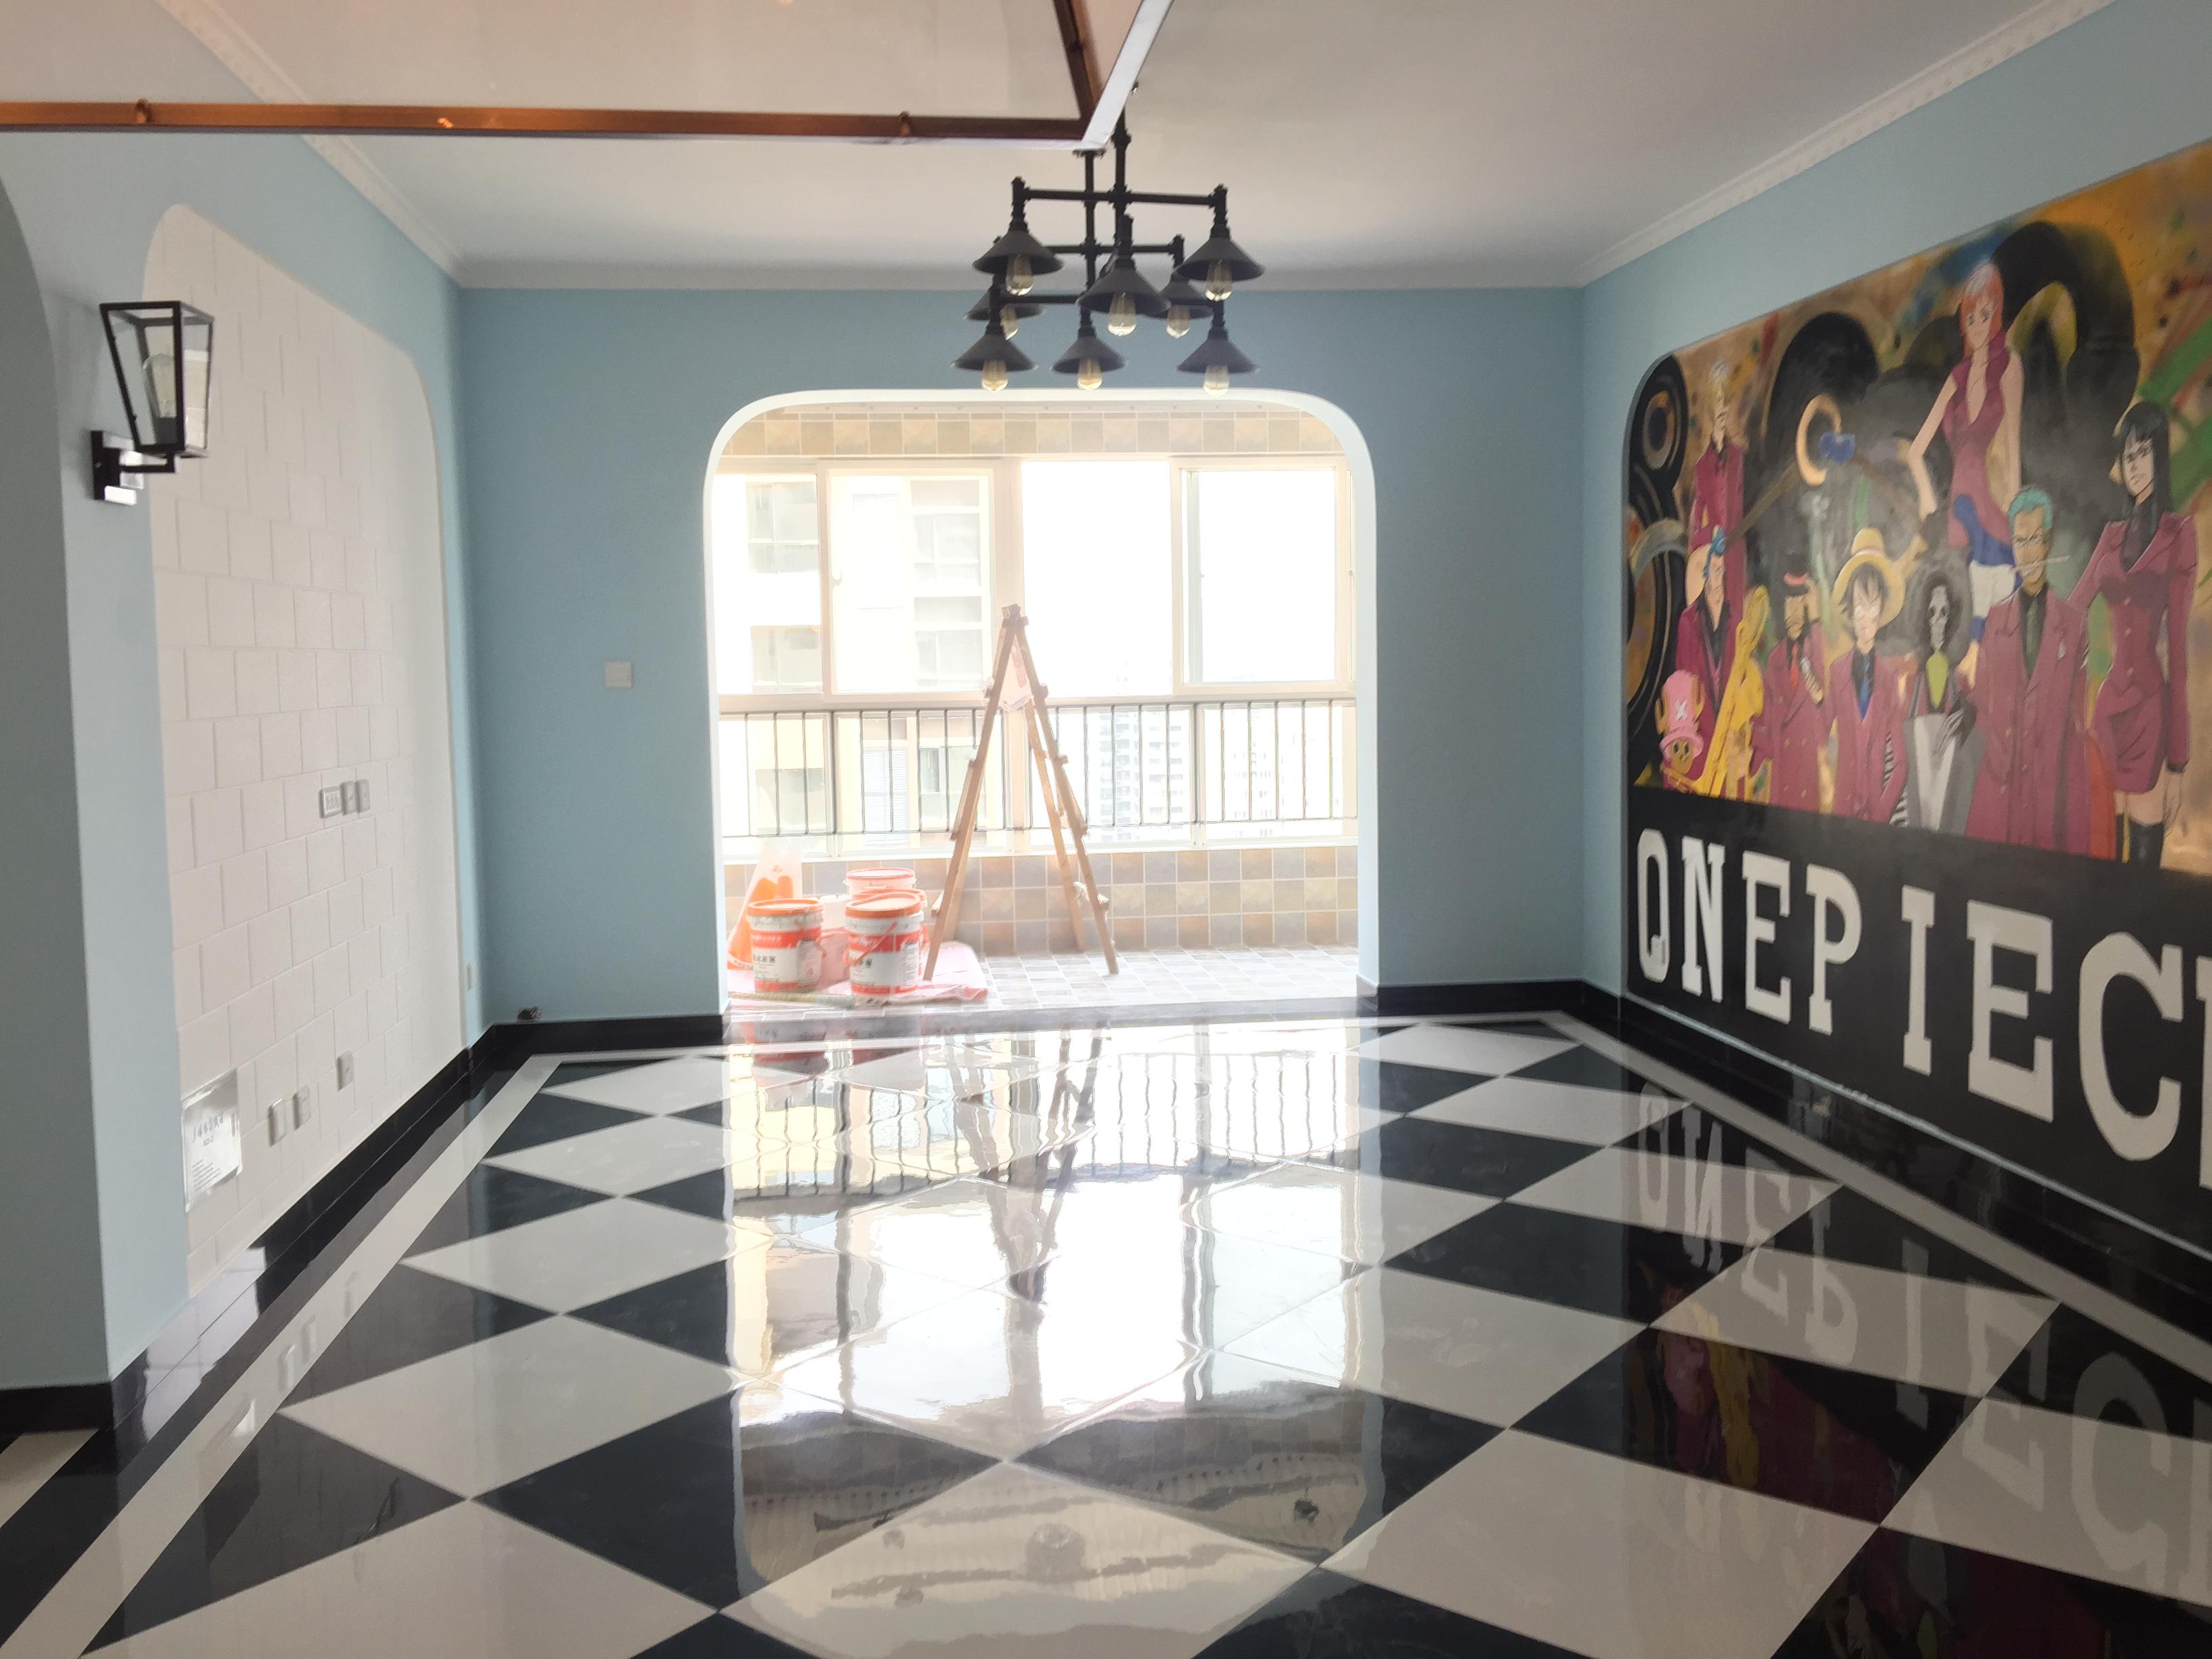 三居 80后 地中海风格 白领 收纳 客厅图片来自装饰装修-18818806853在跟海贼王一起游地中海风格实景图的分享